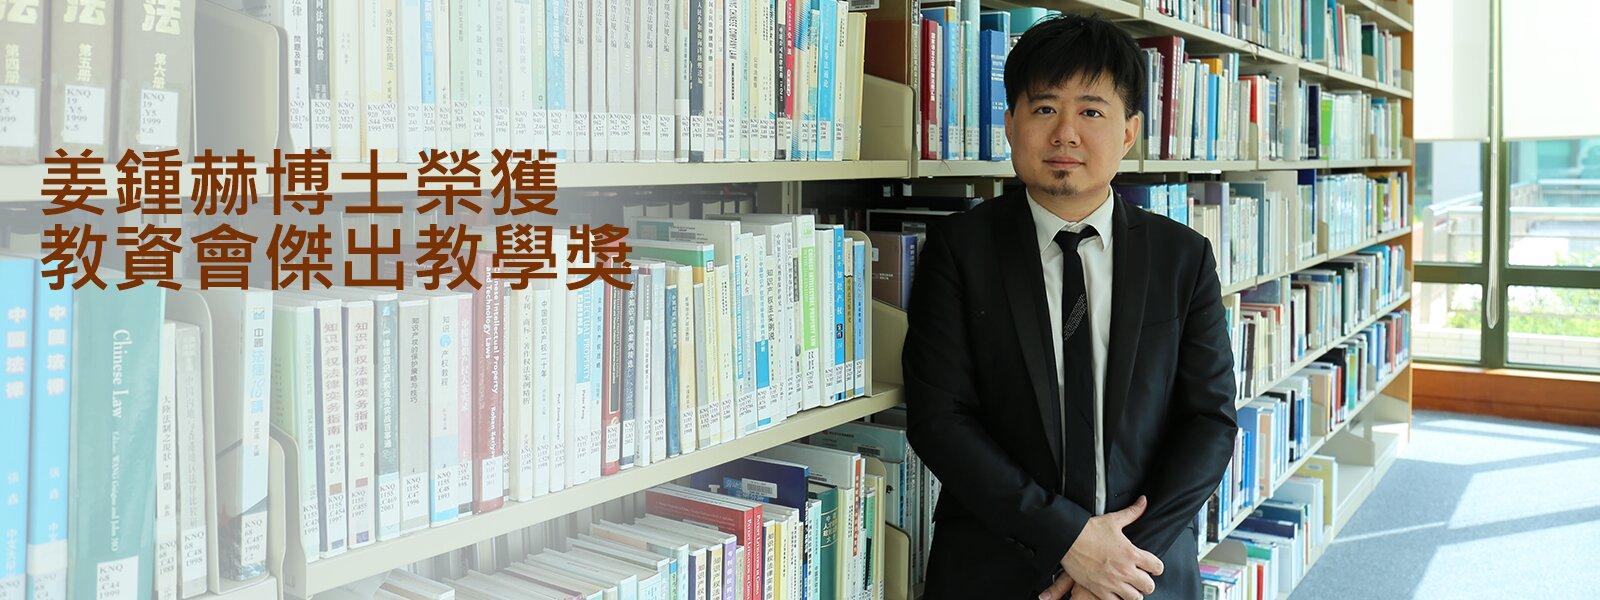 姜鍾赫博士榮獲教資會傑出教學獎